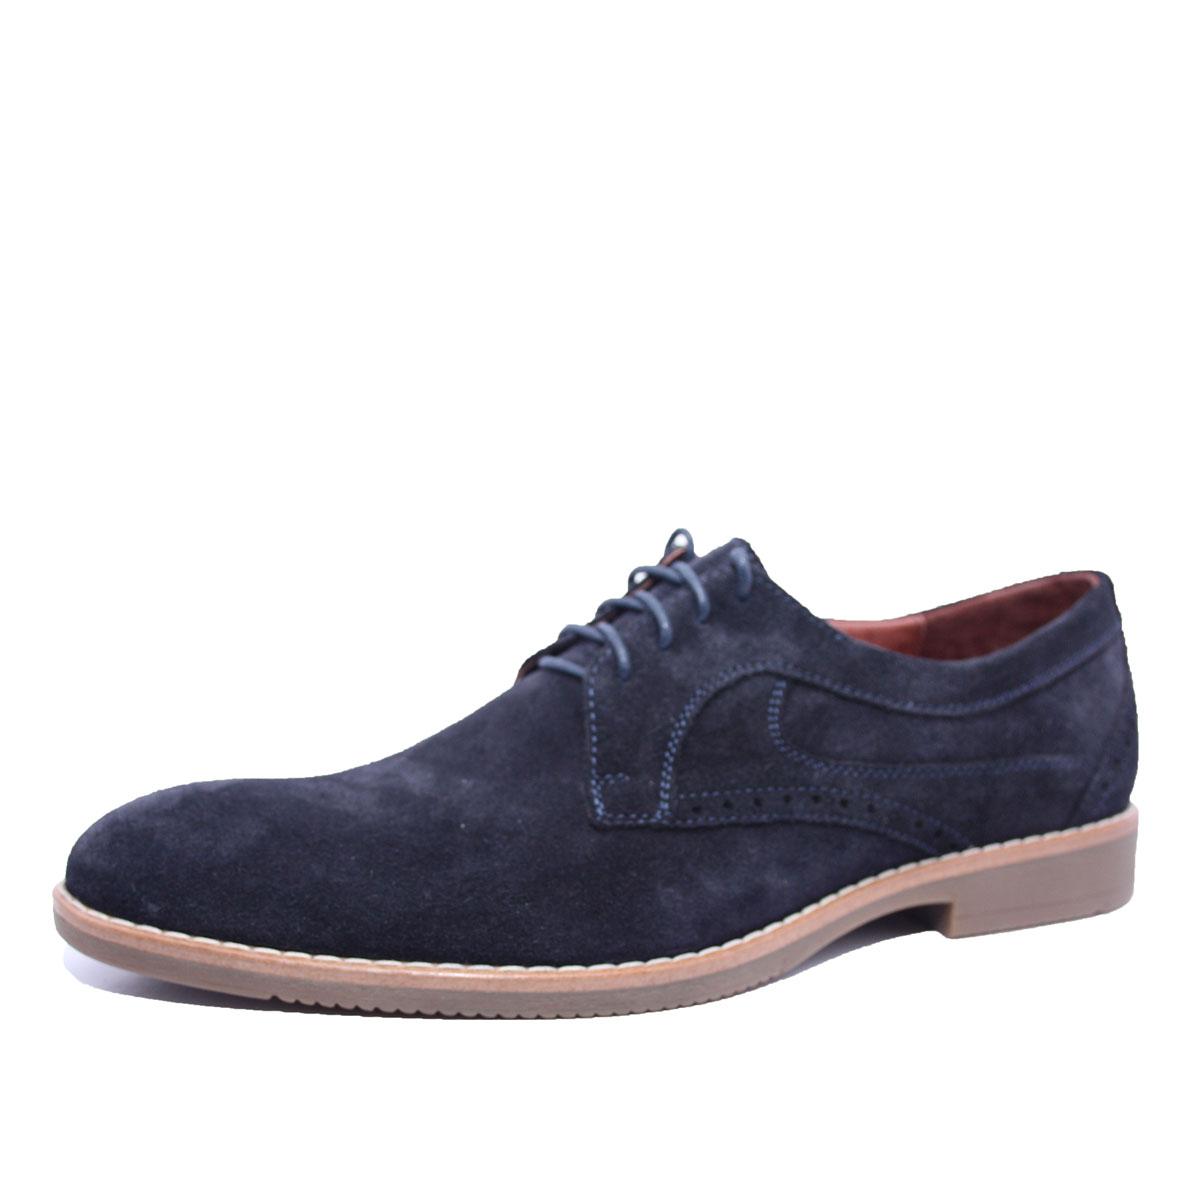 Чоловічі замшеві стильні туфлі сині 198-8 - Товари - Стильне ... 6bc349ac4cd12